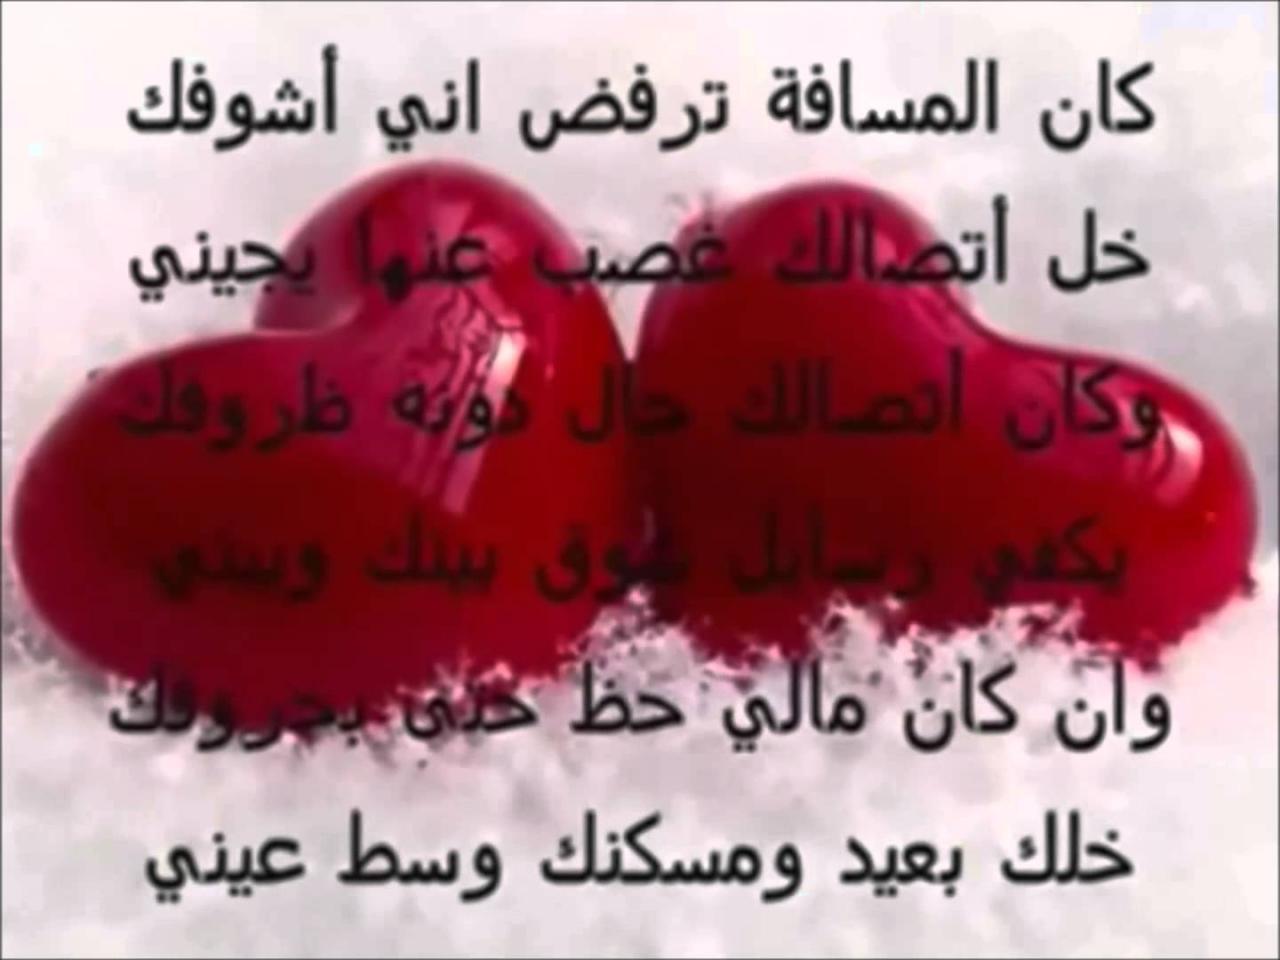 صورة اجمل اشعار الحب, اروع واجمل كلمات شعر عن الحب